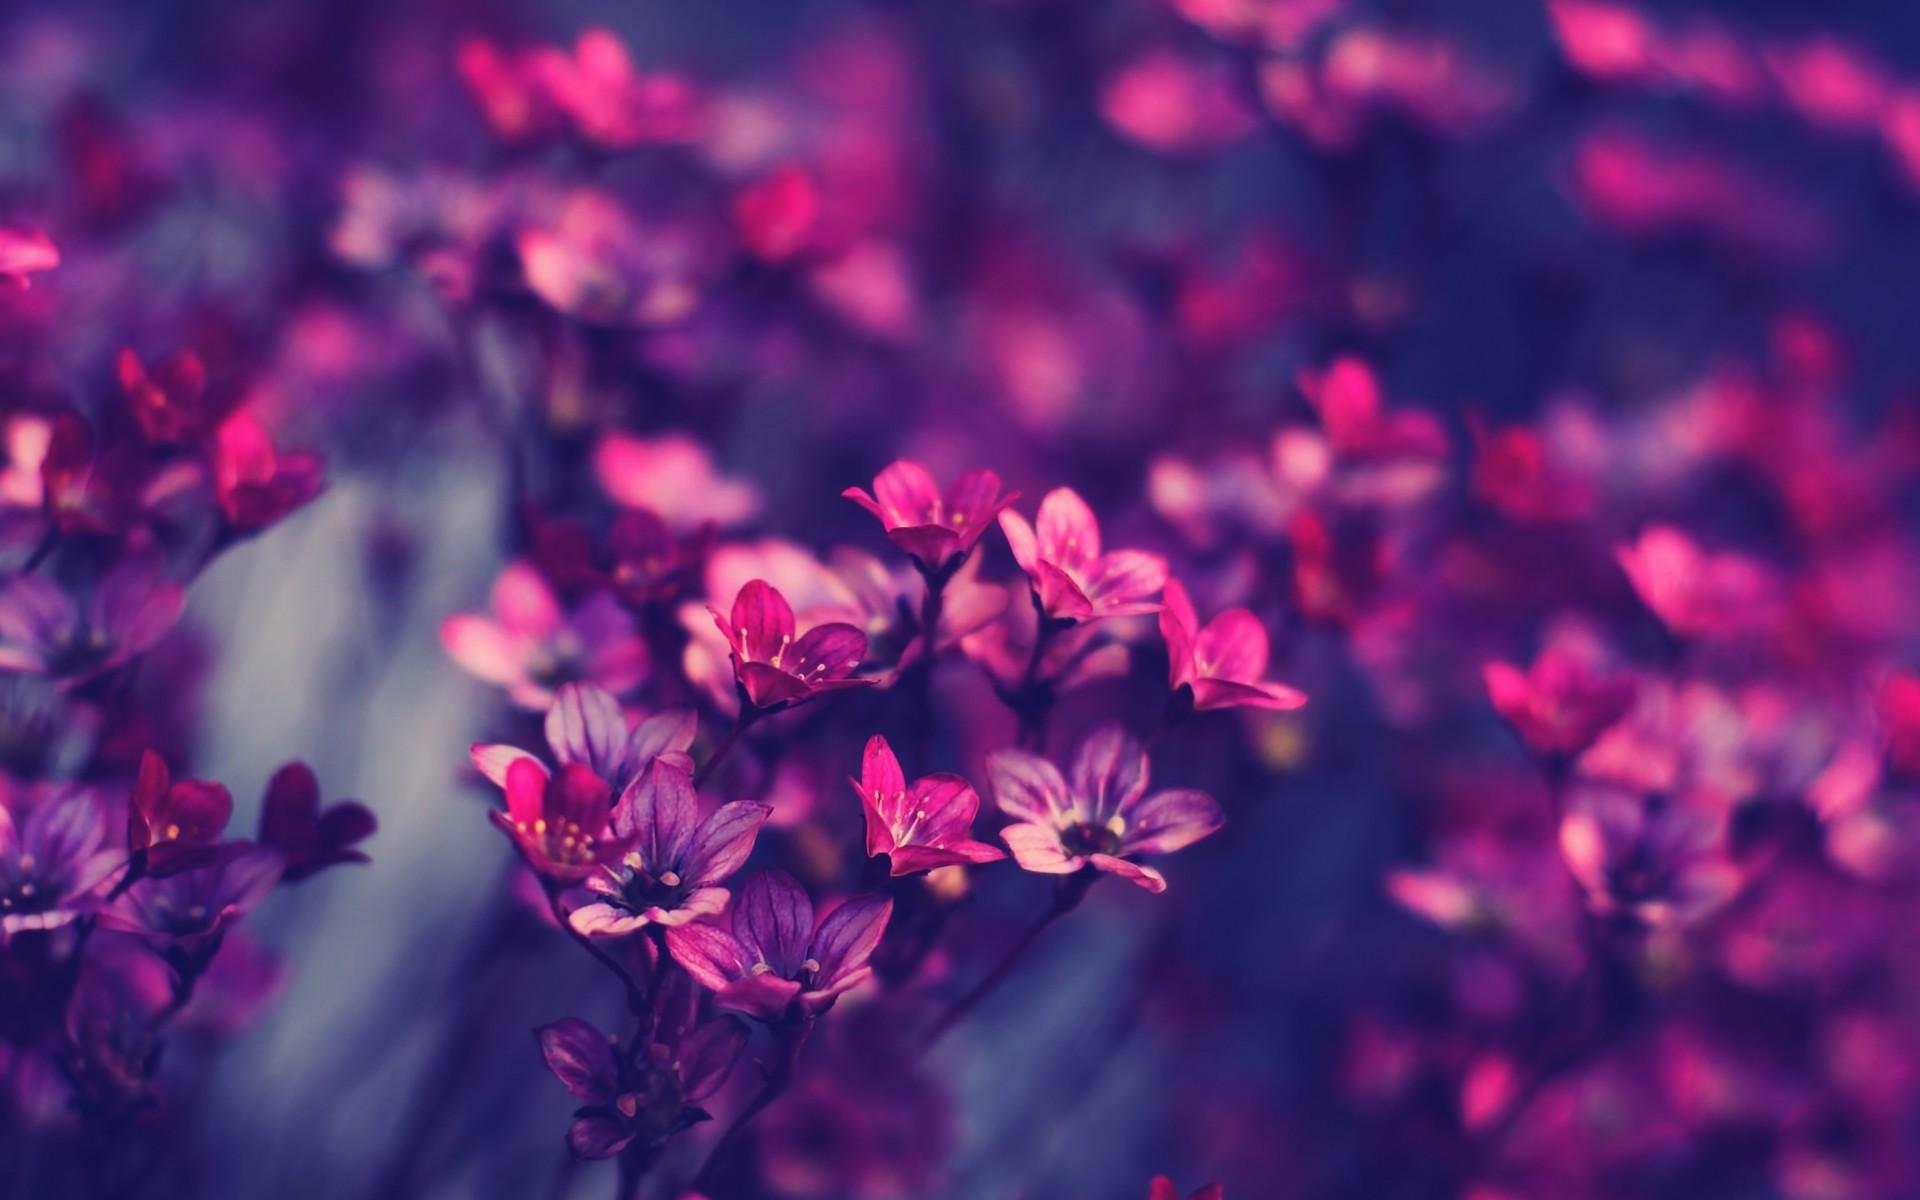 Purple pink flowers wallpaper